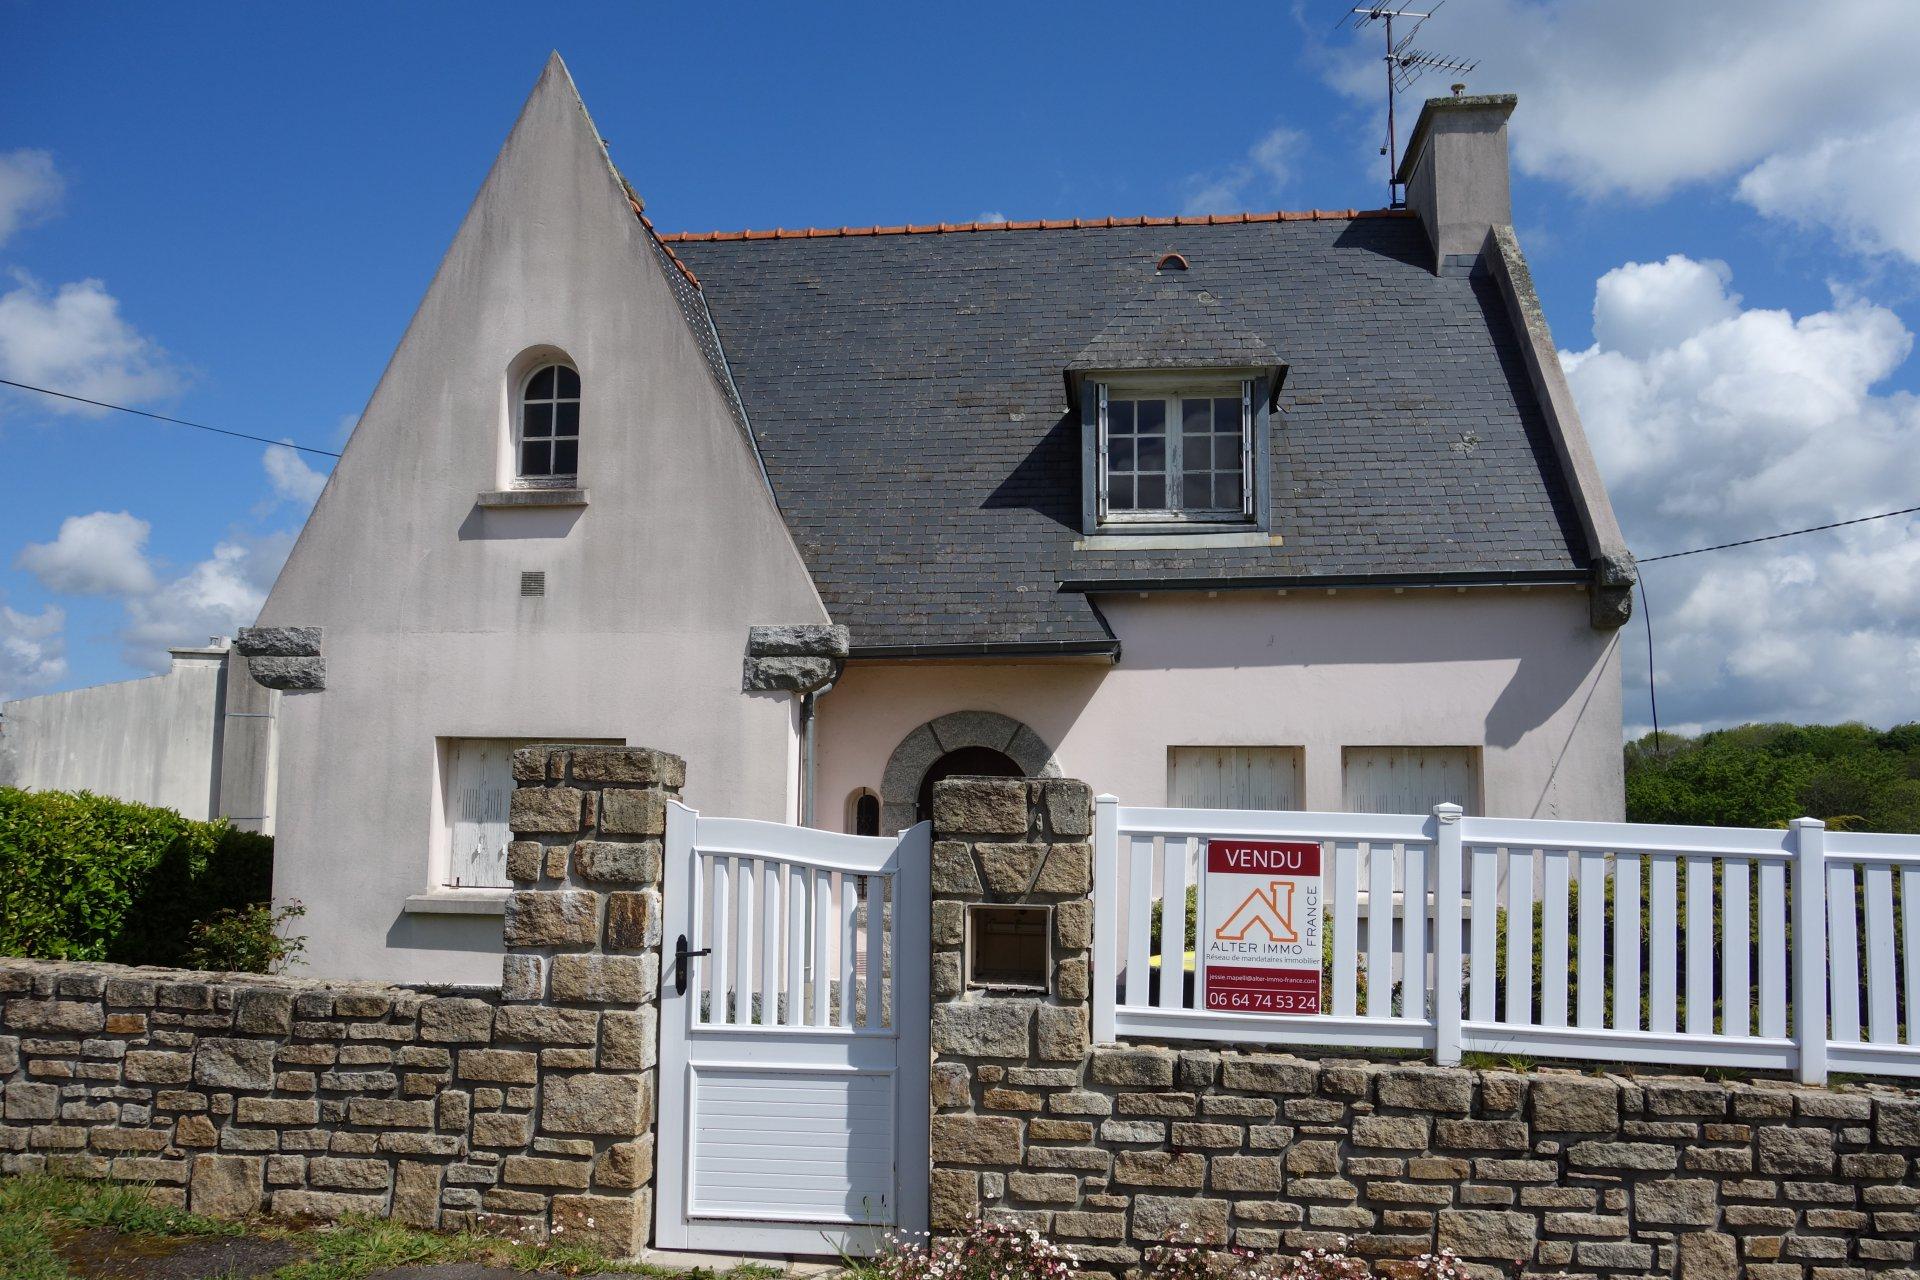 Verkauf Haus - Brest Saint-Marc